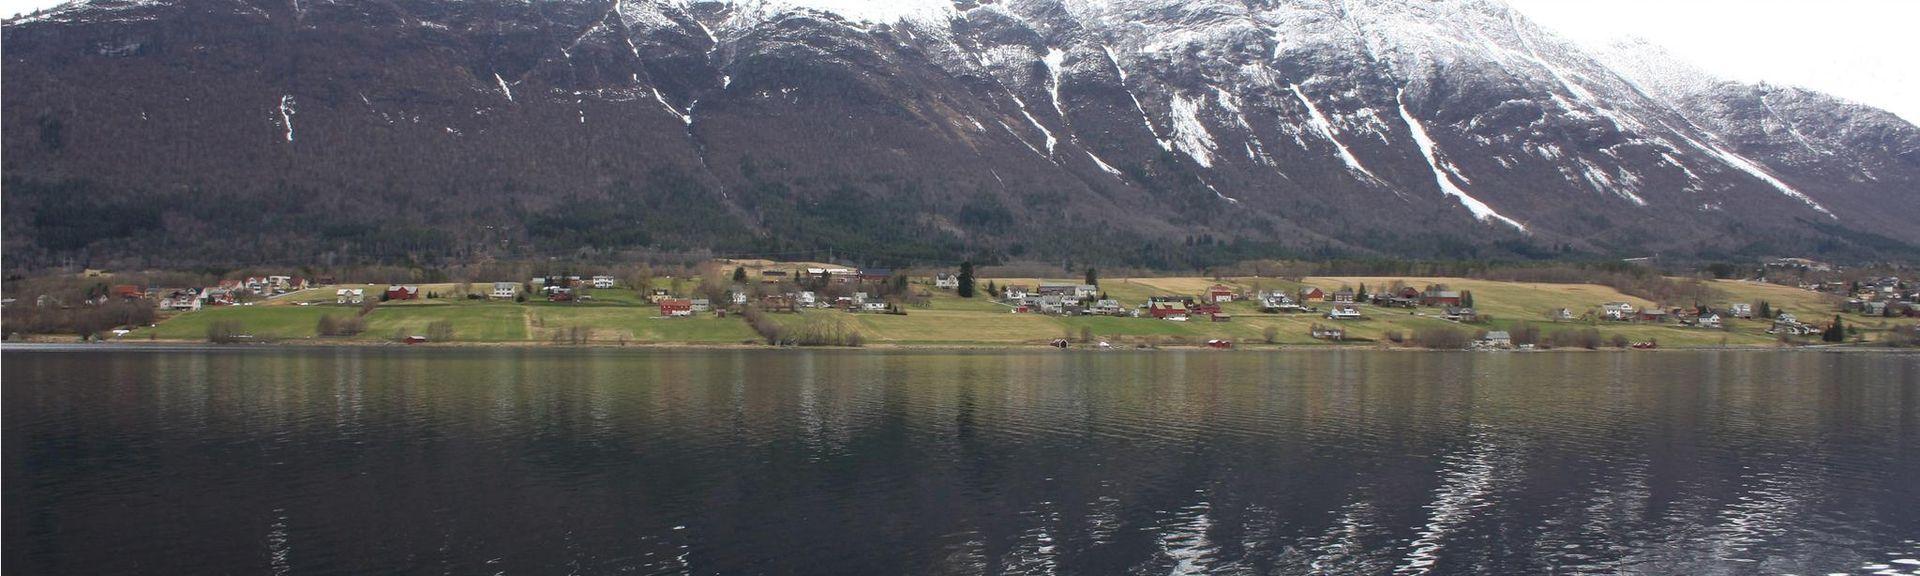 ANDALSNES (Station), Åndalsnes, Møre og Romsdal, Norway